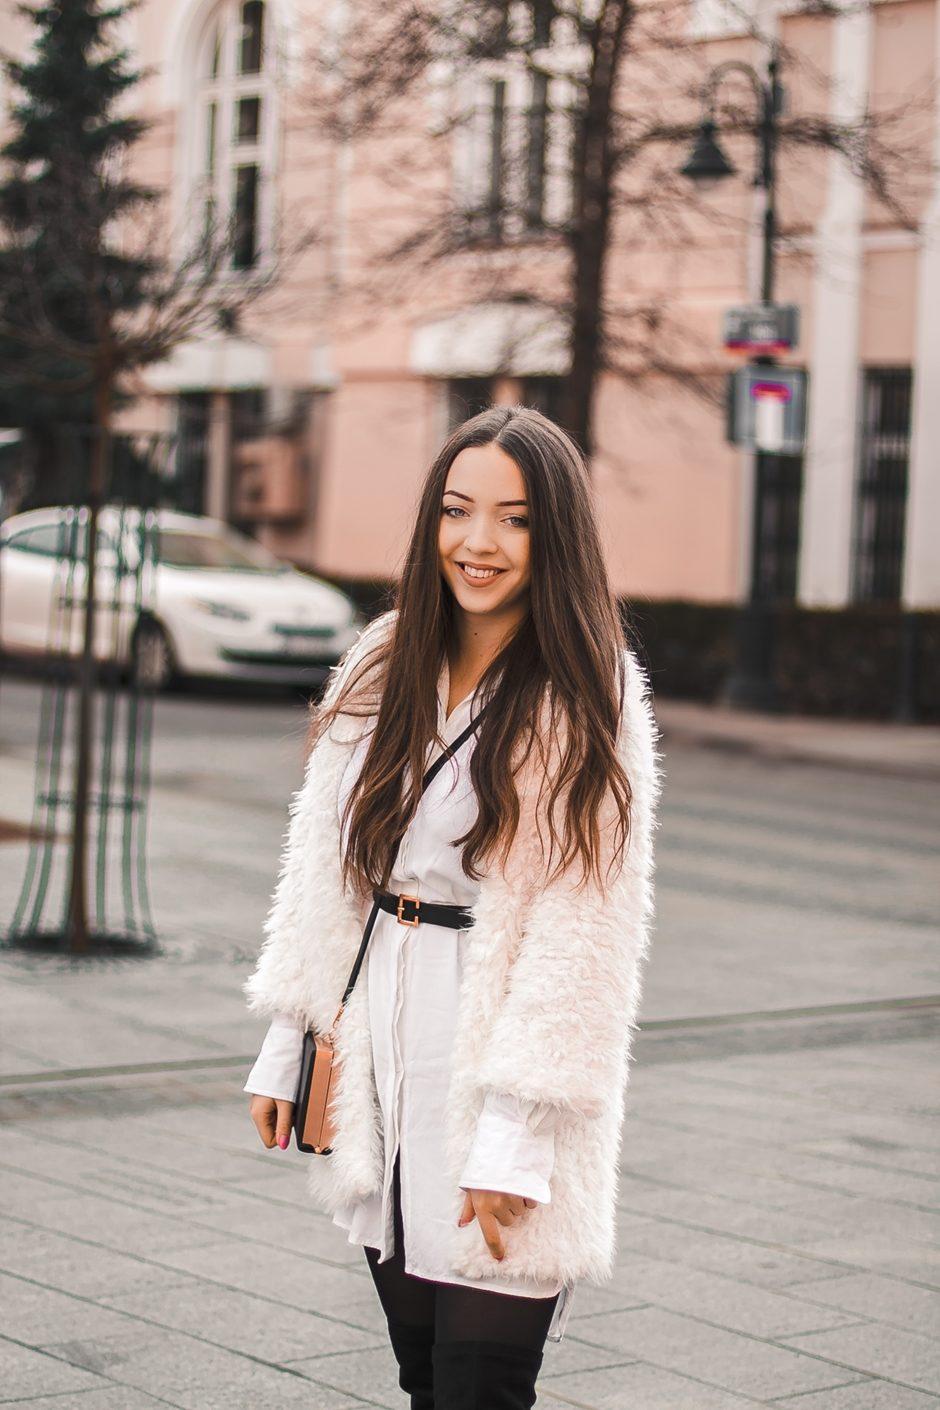 Białe futro stylizacja